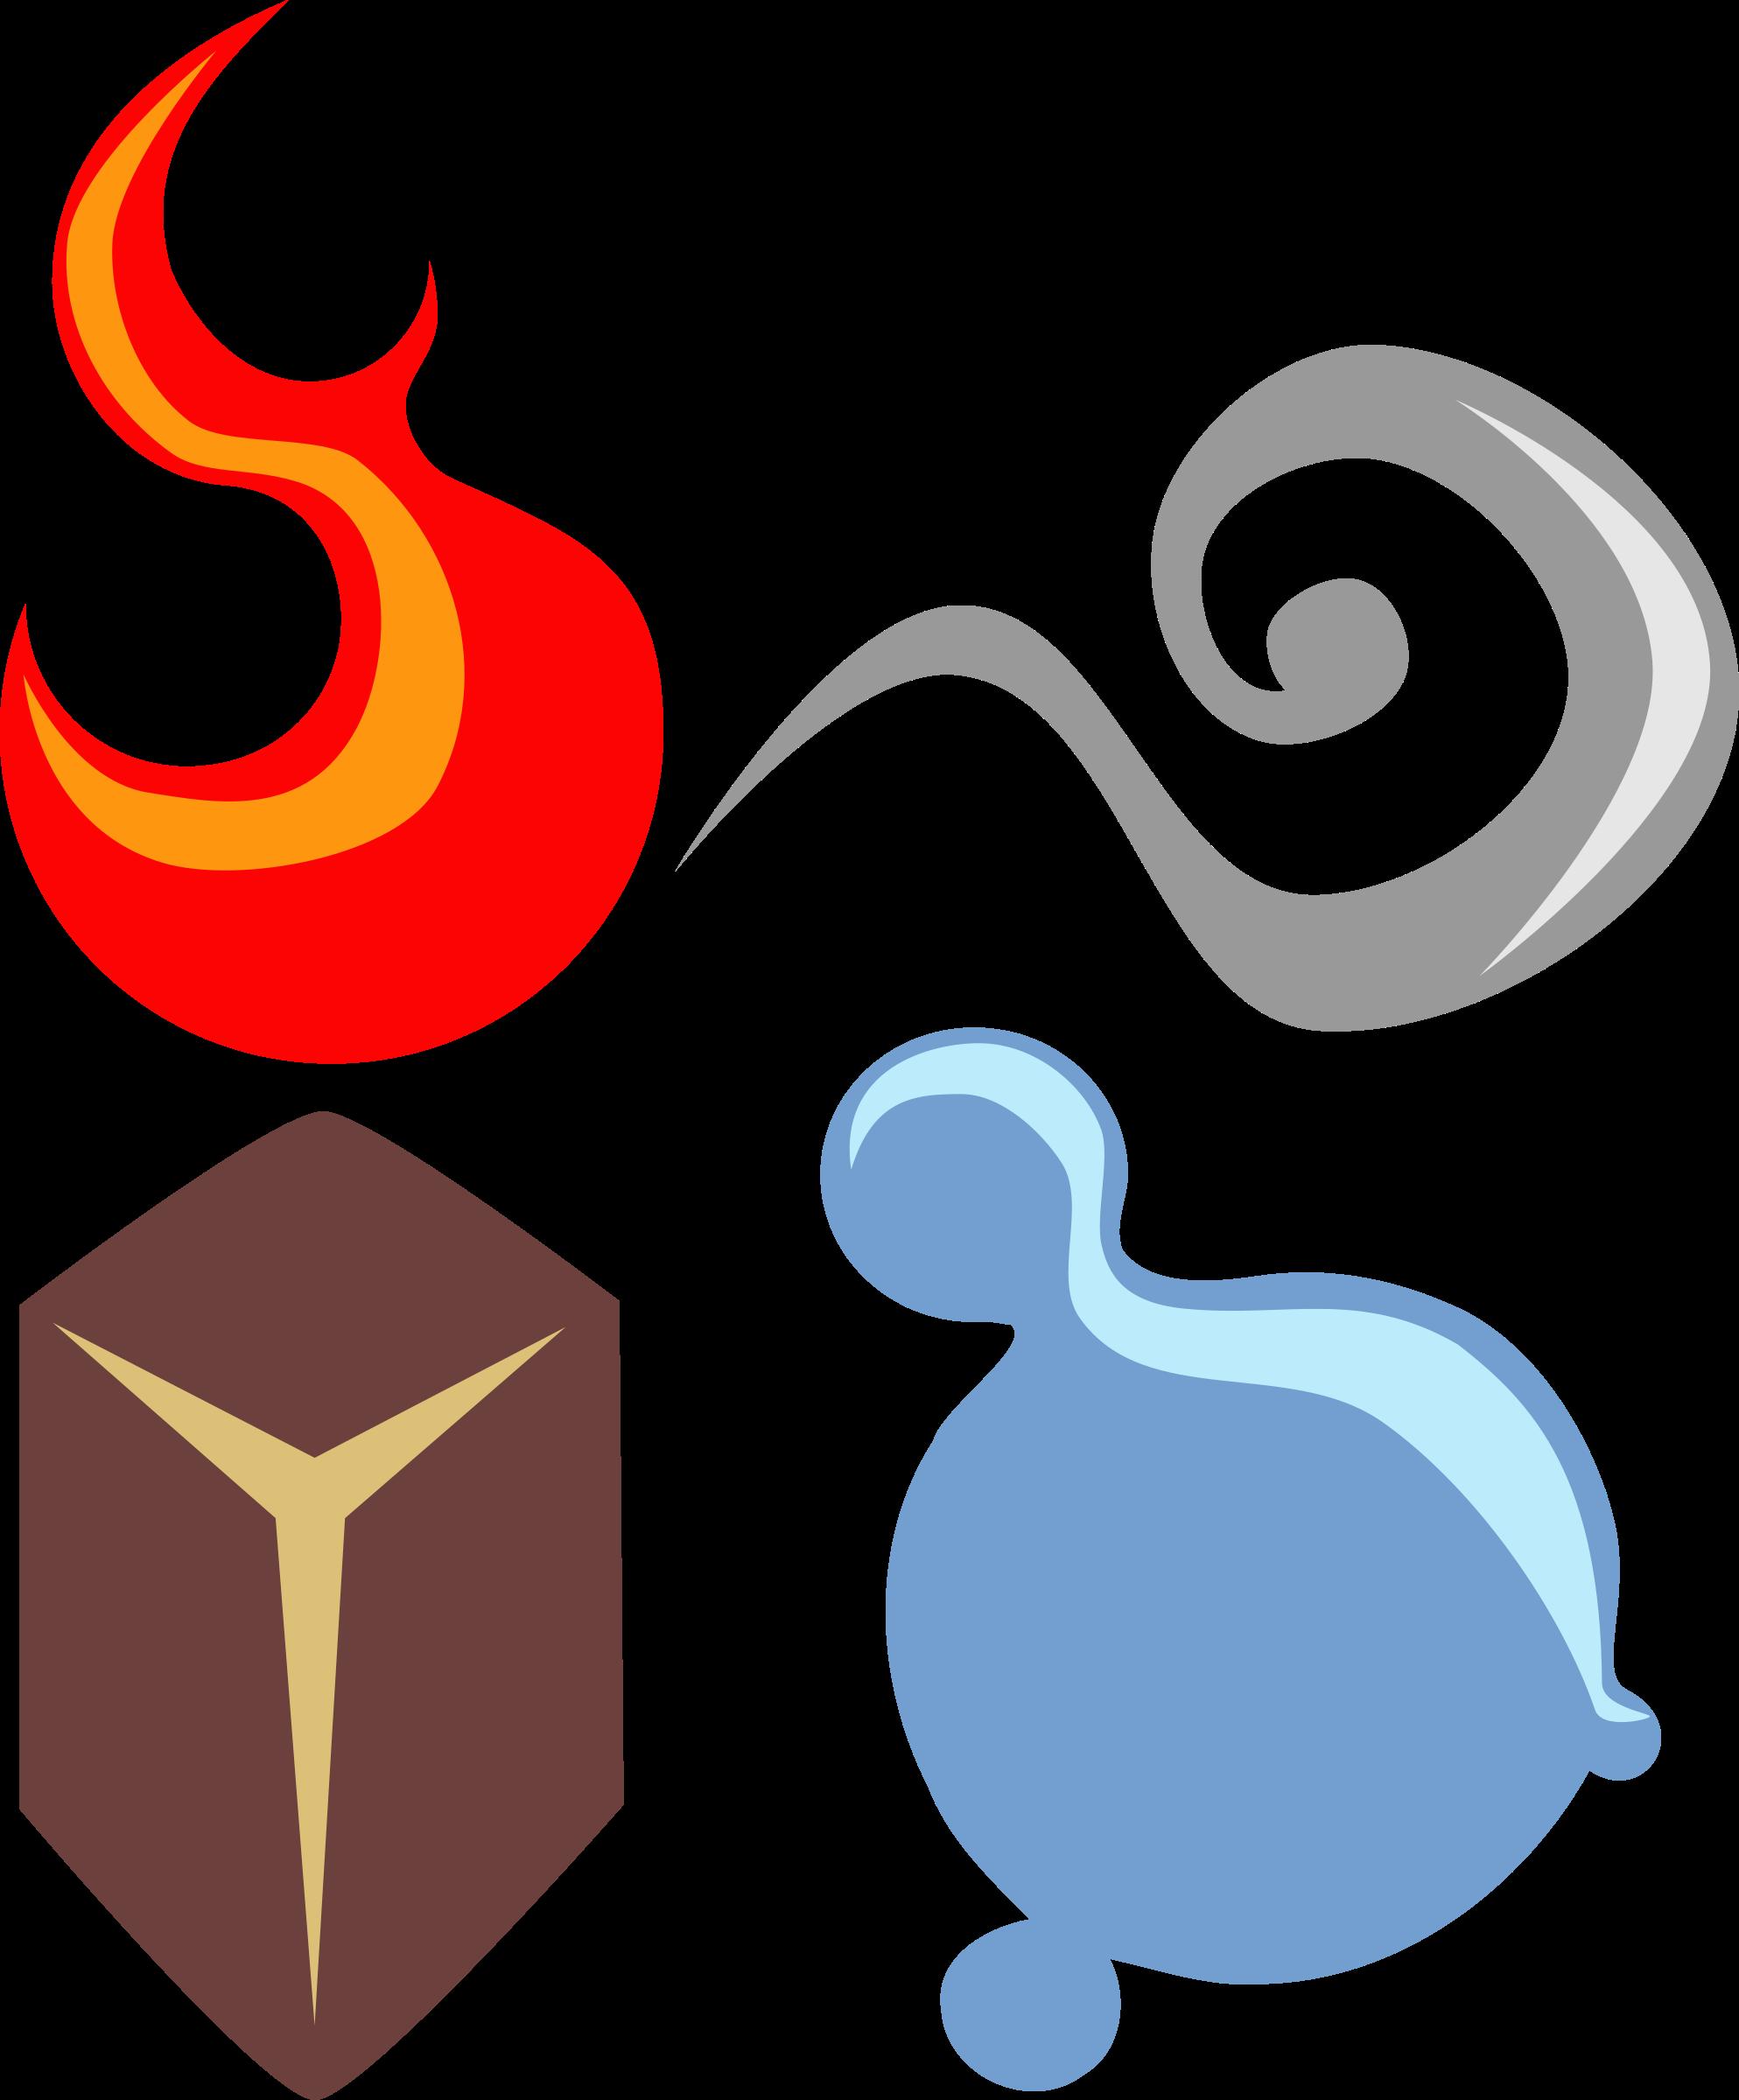 Elements clipart transparent Four symbolic elements Clipart four